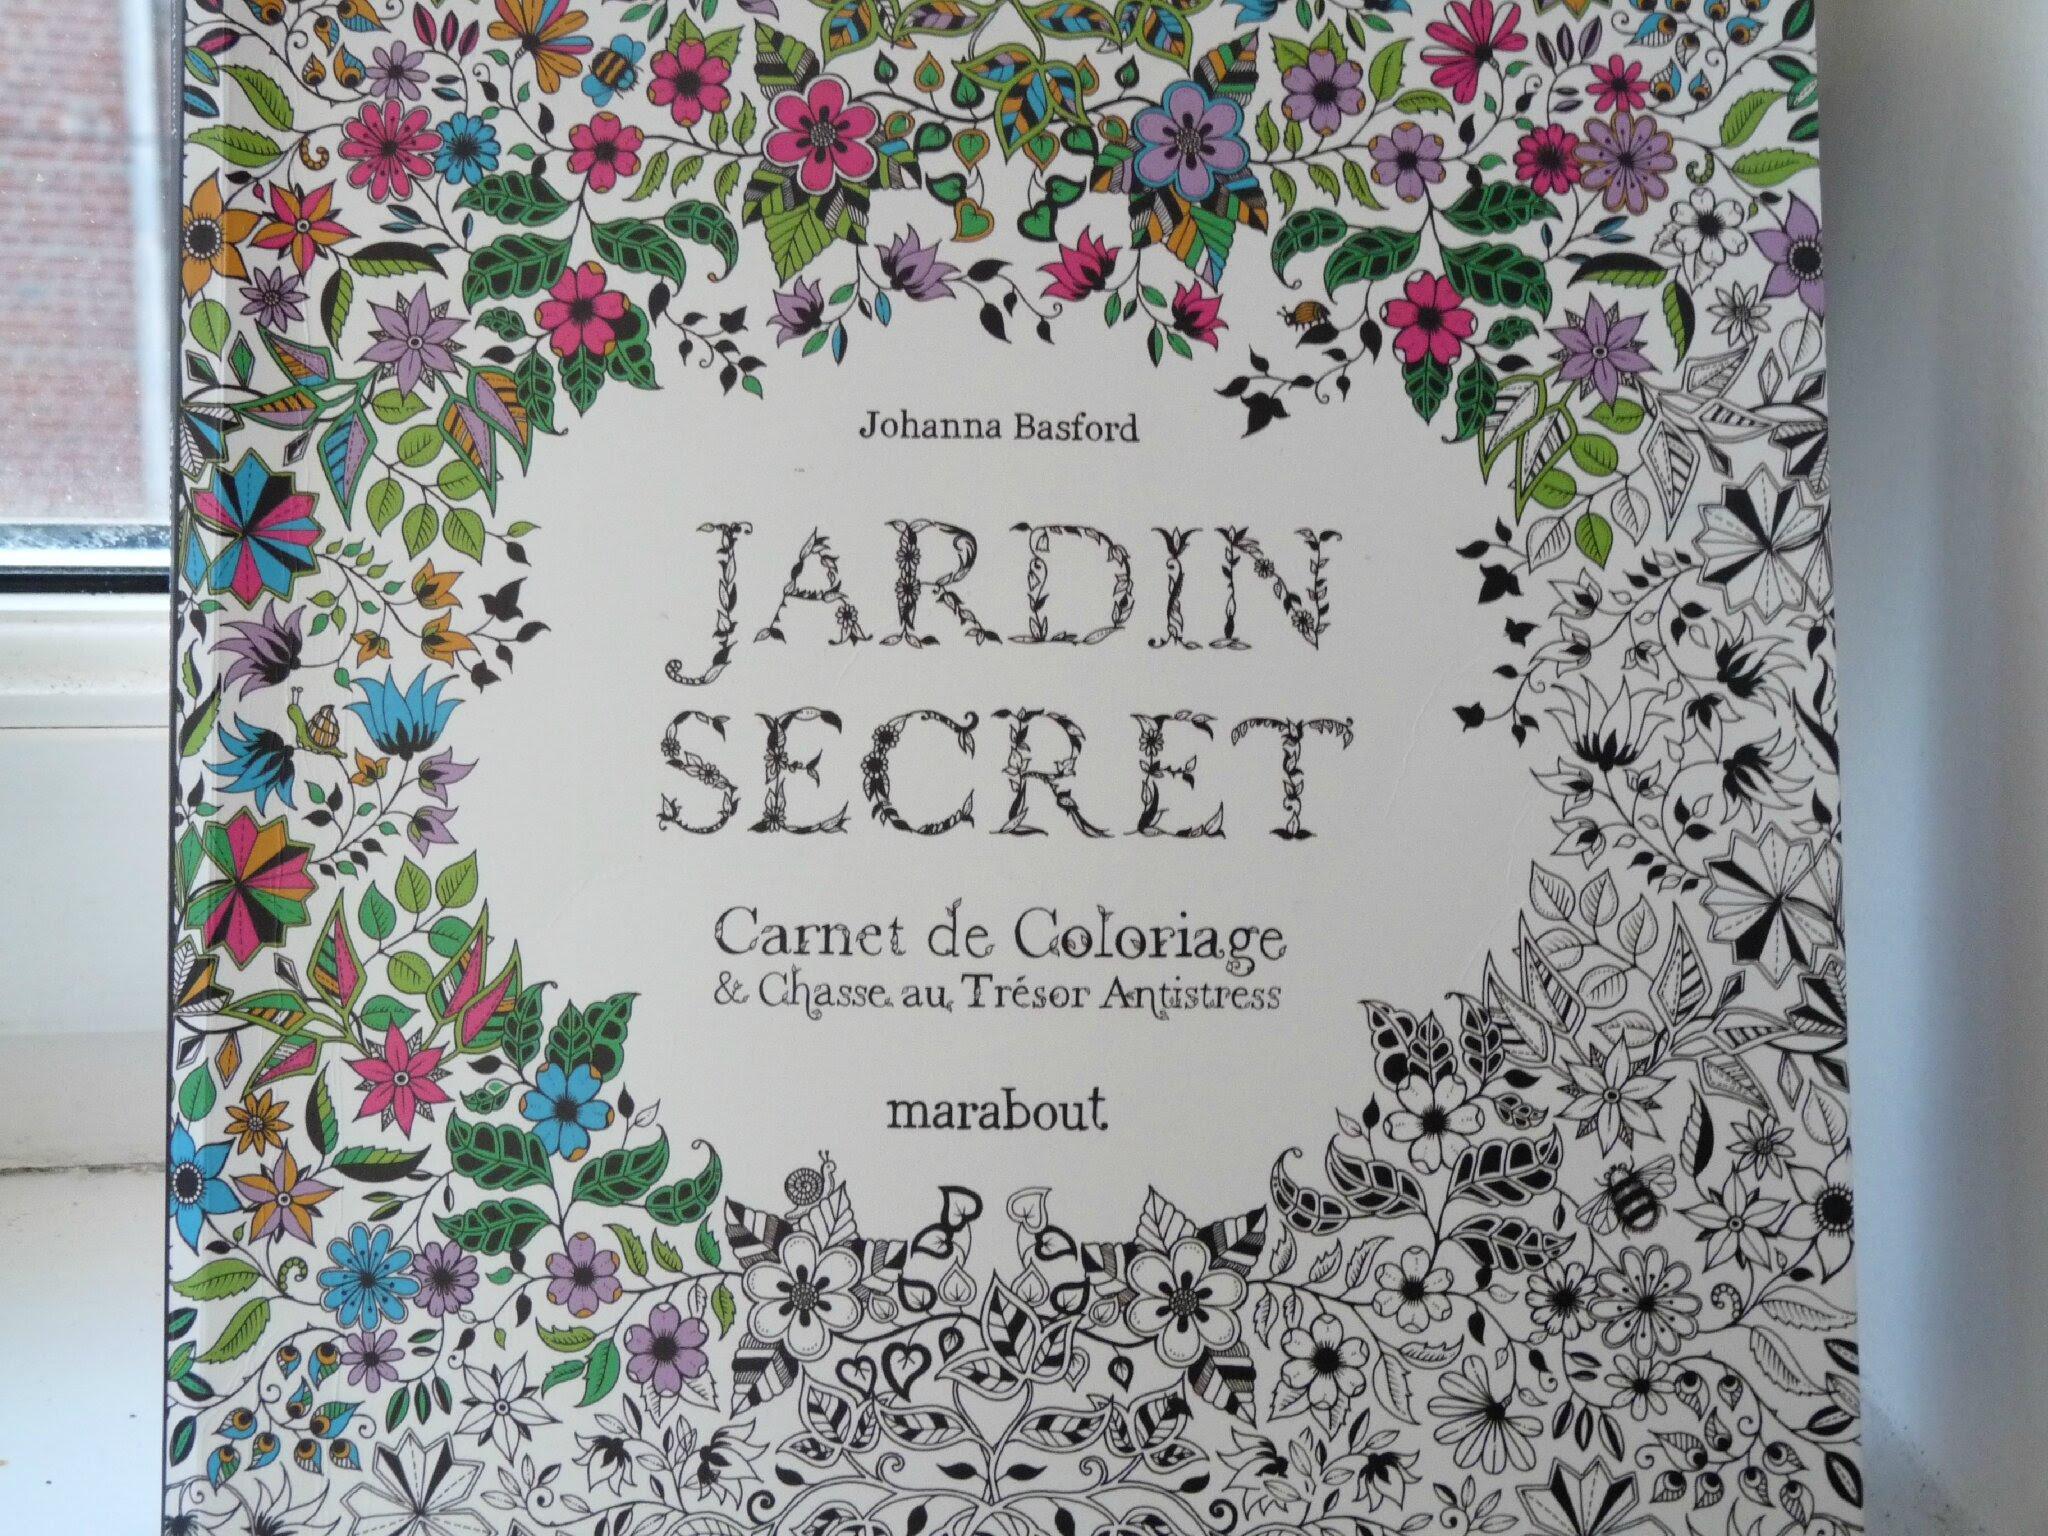 J ai donc décidé d acheter un de ces bouquins Jardin secret carnet de coloriage et chasse au trésor antistress aux éditions Marabout